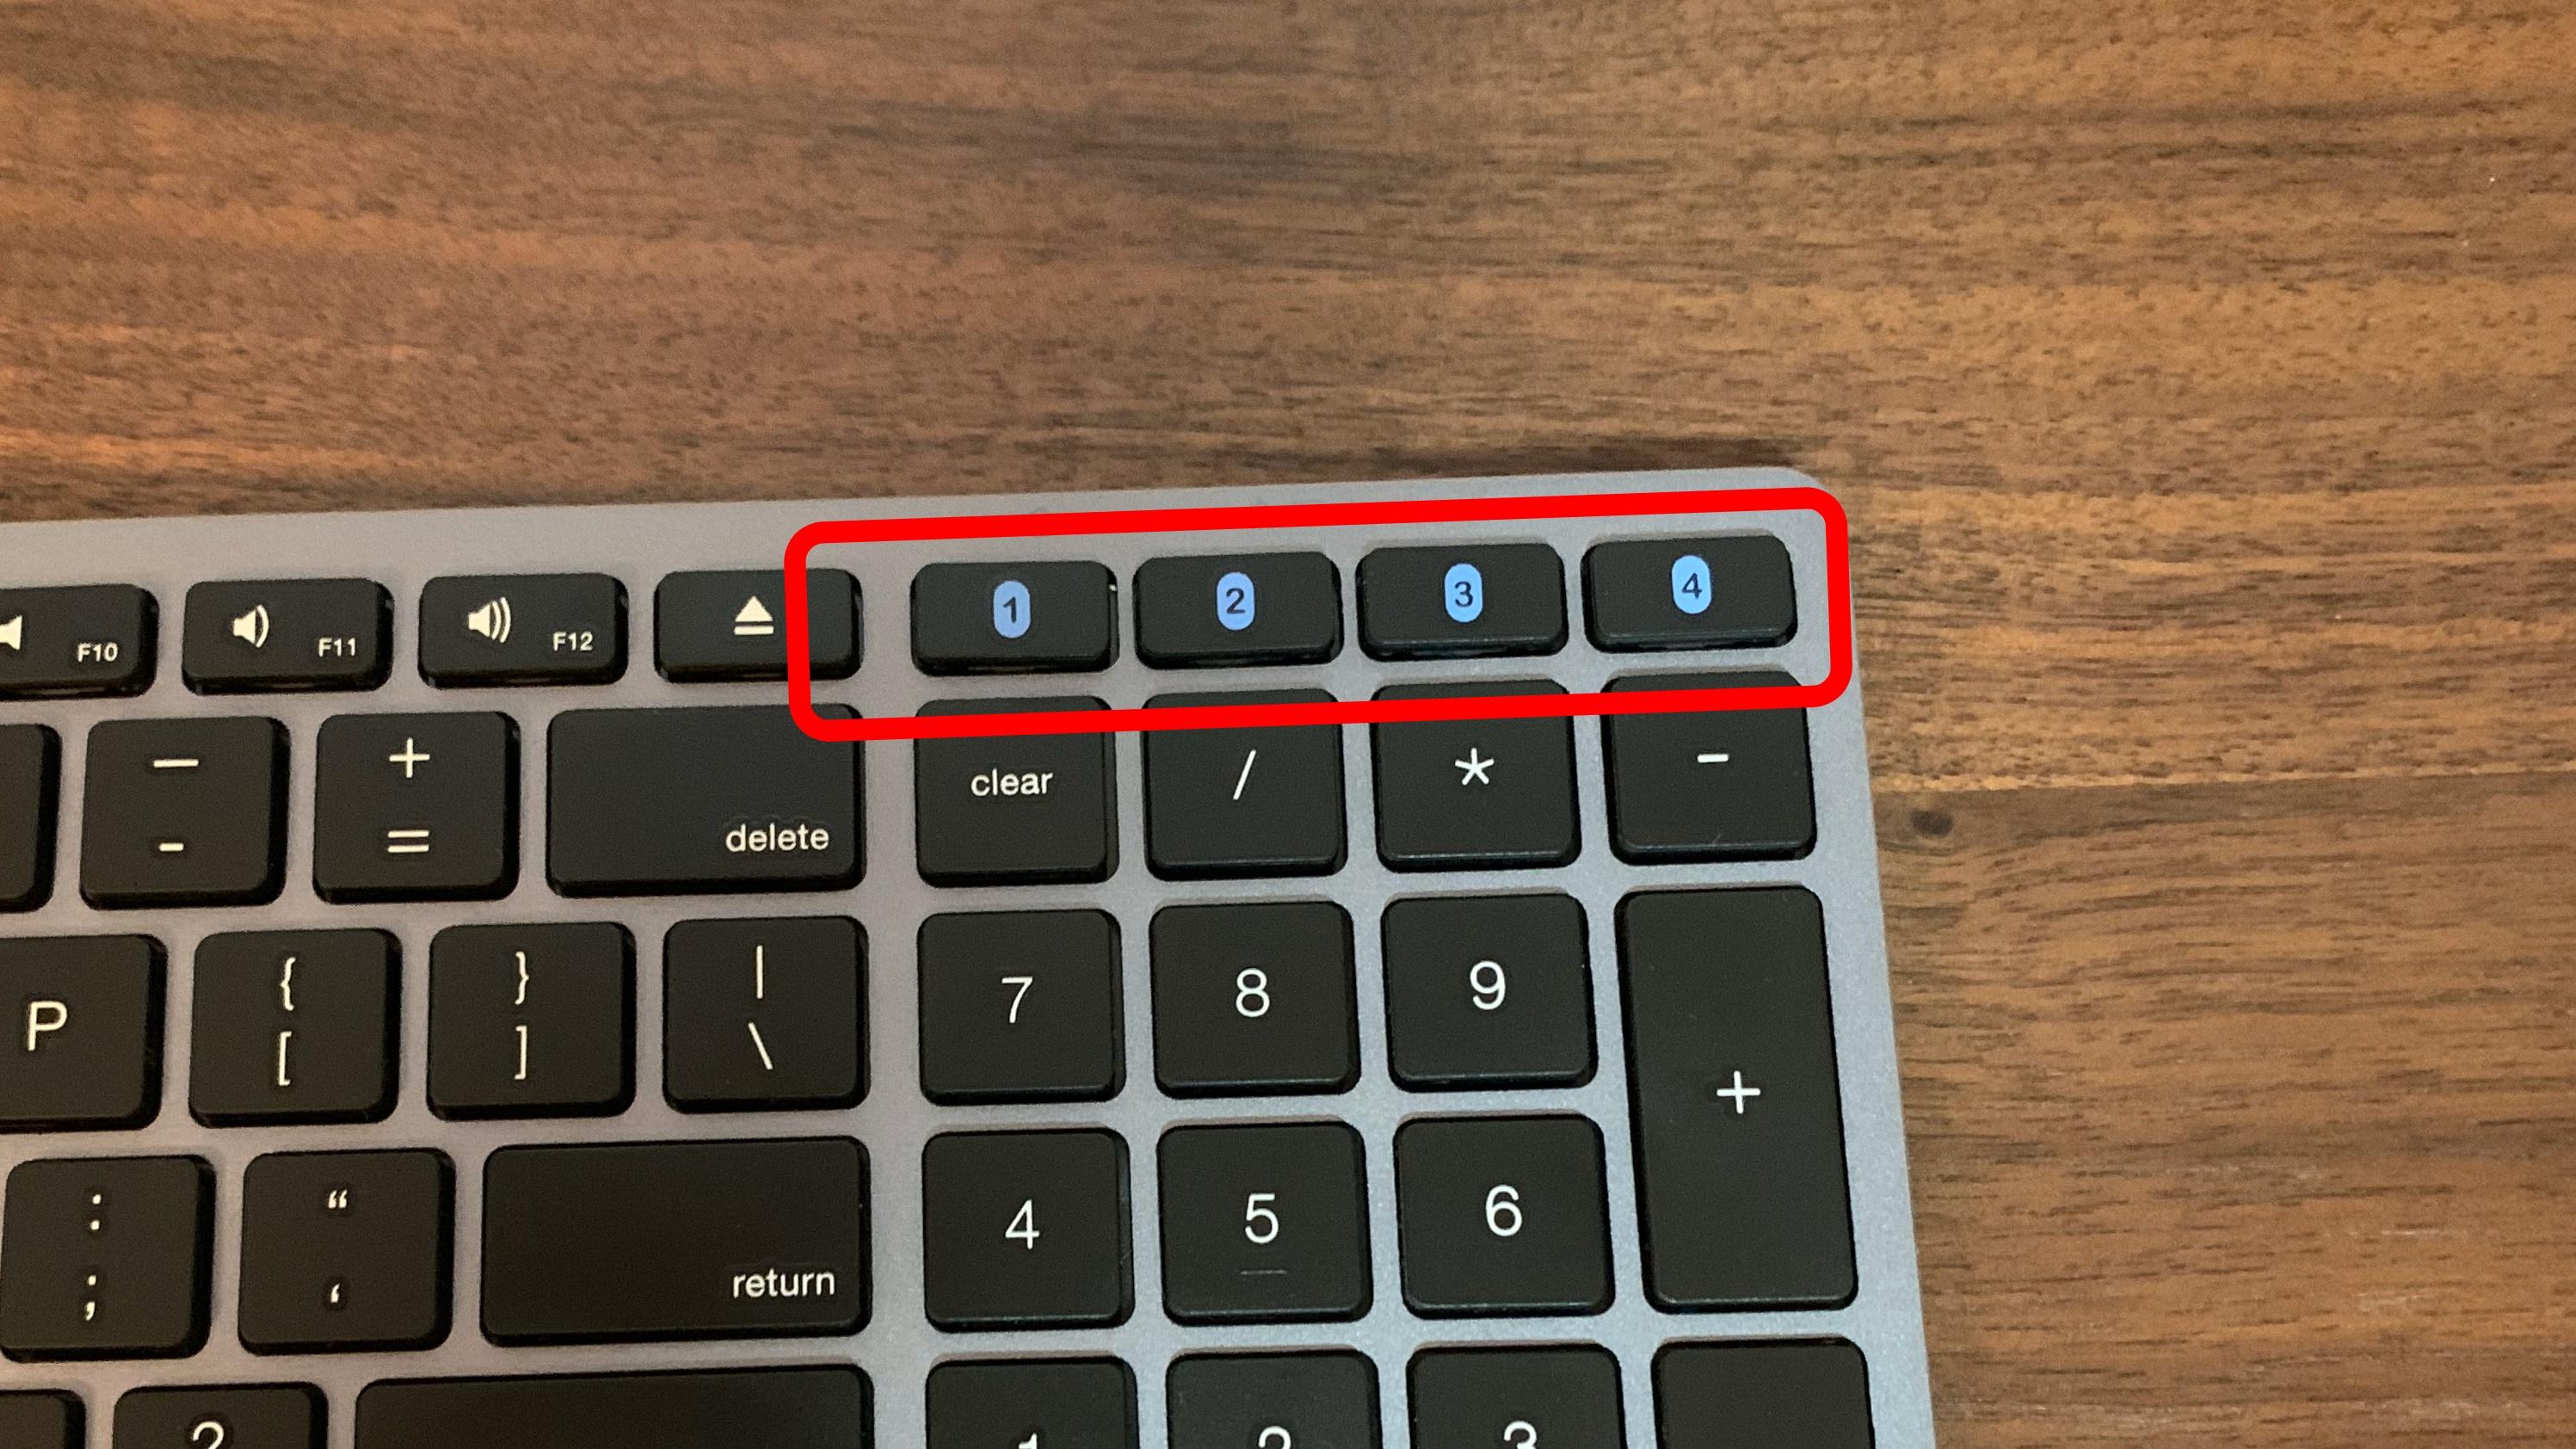 Satechiのキーボードのスイッチボタン